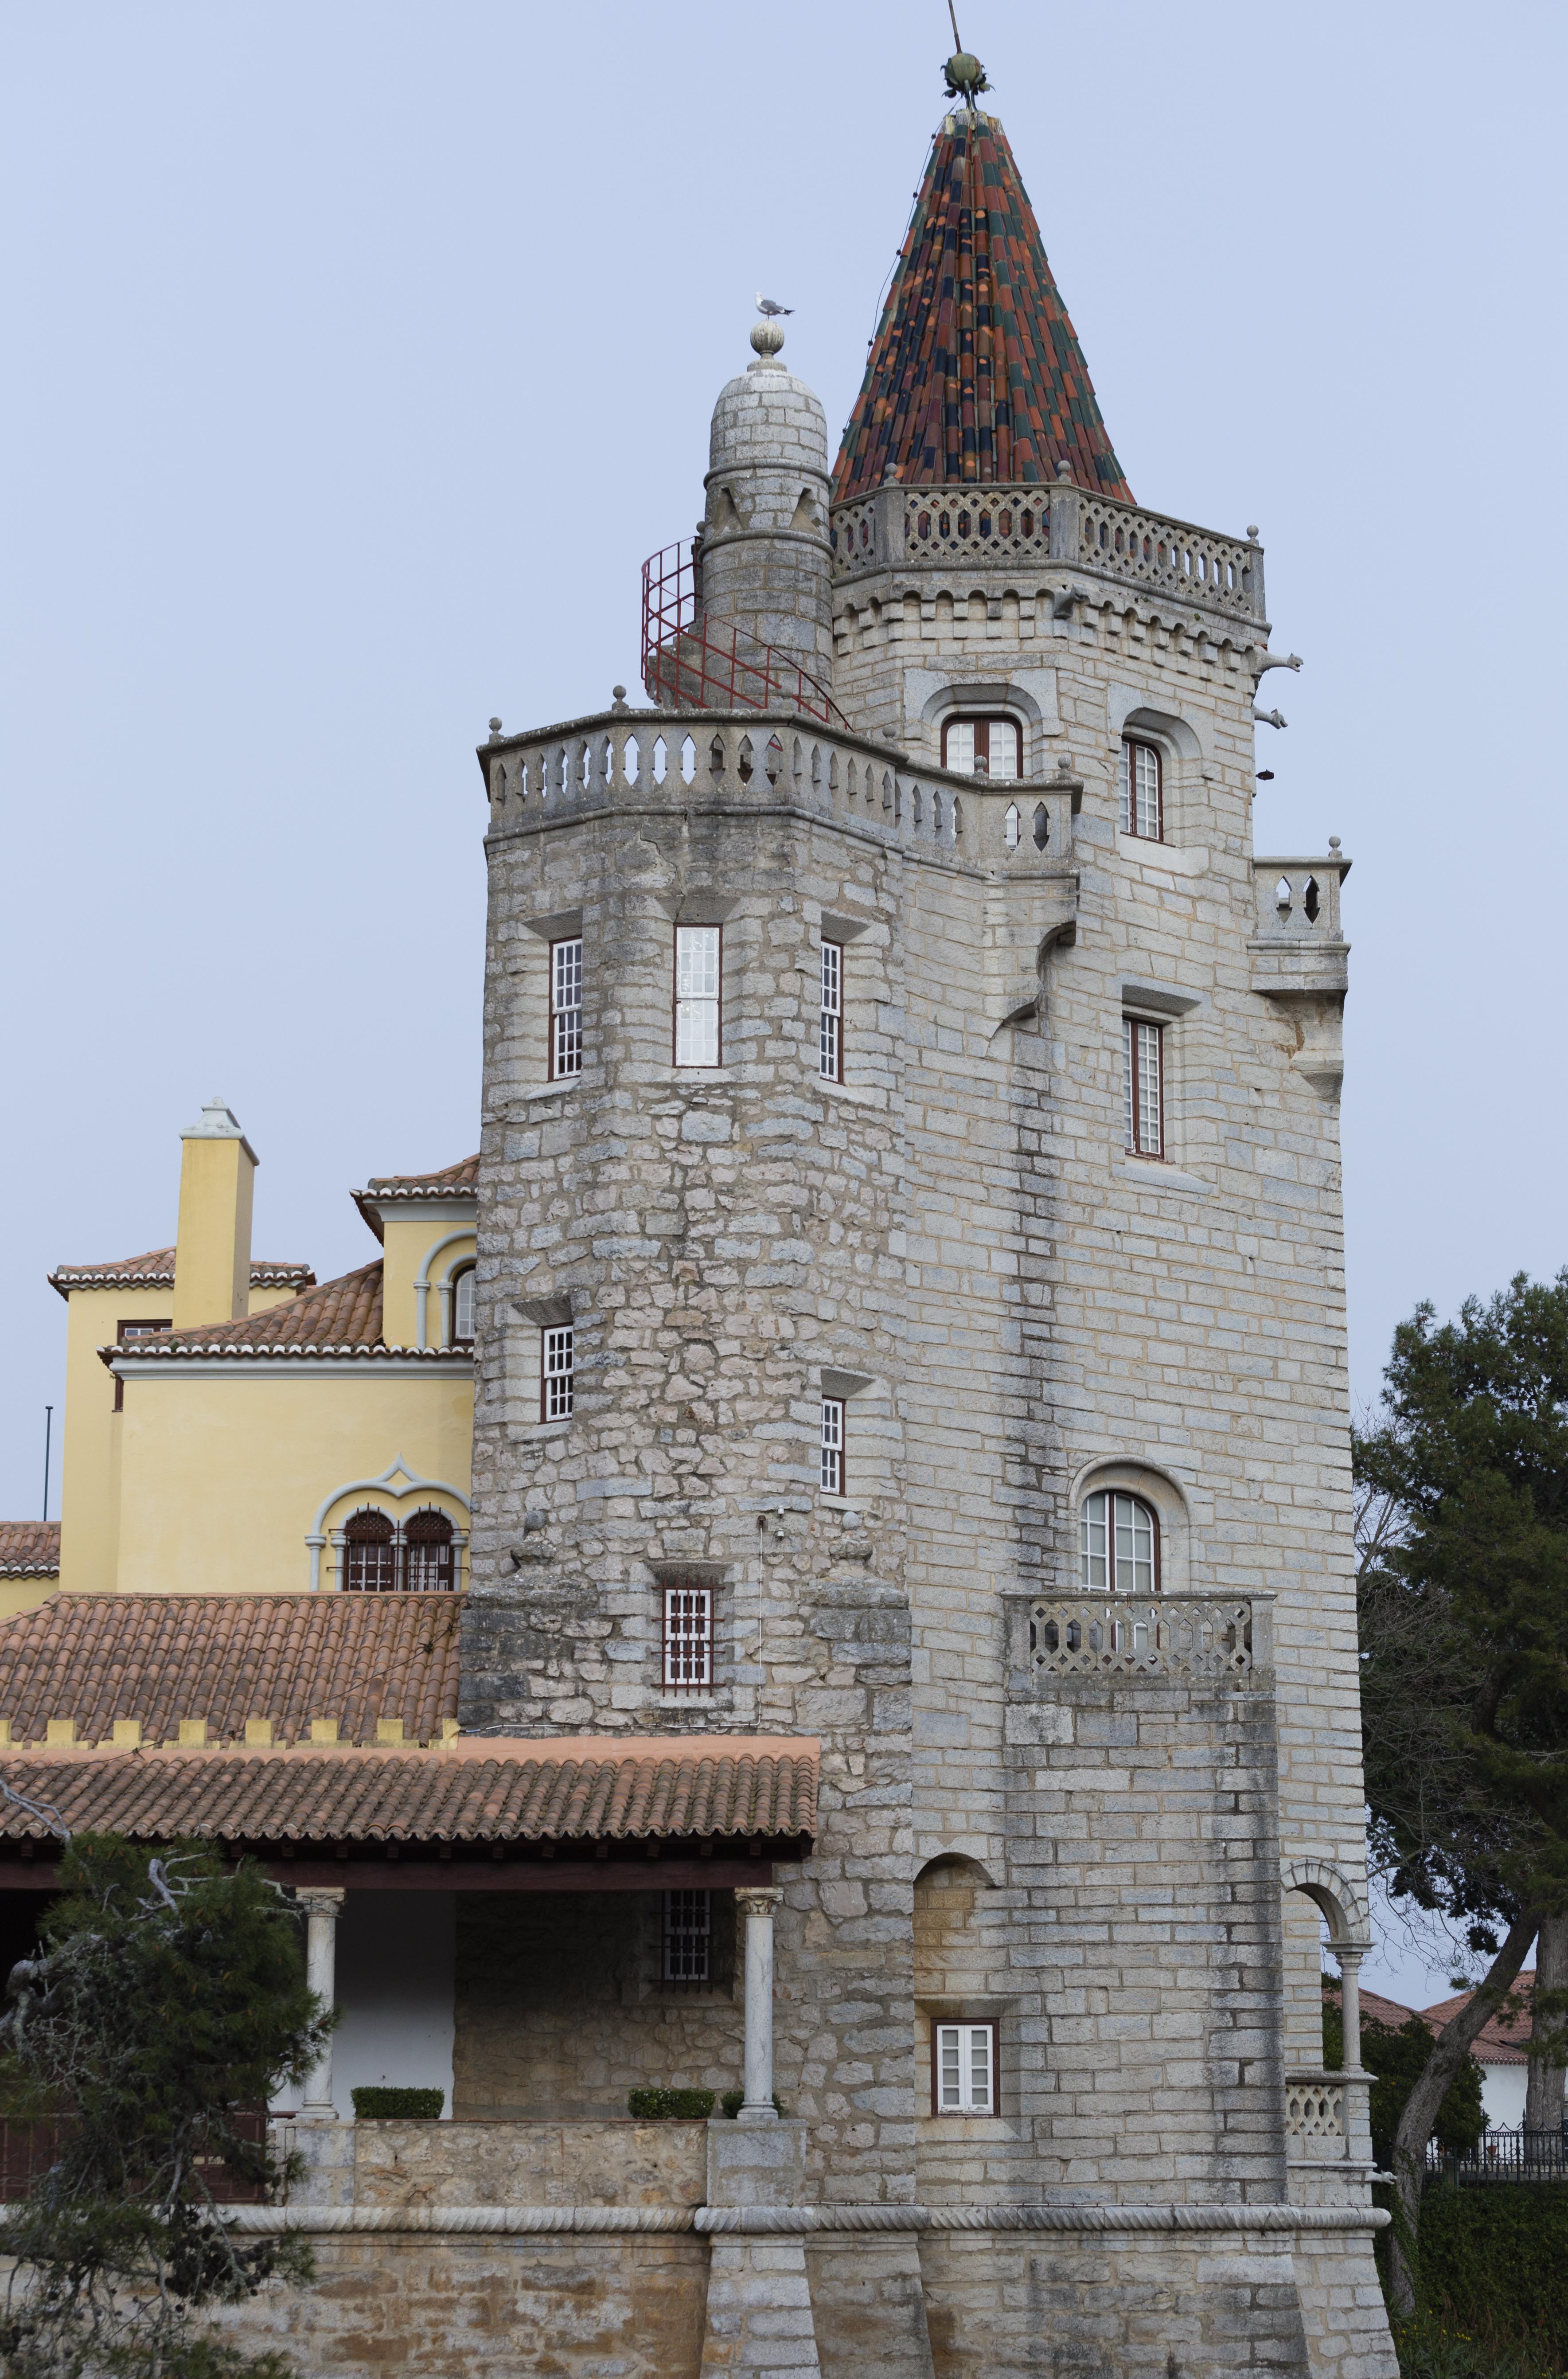 Un palacio y un parque legados por el conde de Castro Guimarães a la ciudad - Portugal Circuito Portugal al Completo: de Lisboa a Fátima